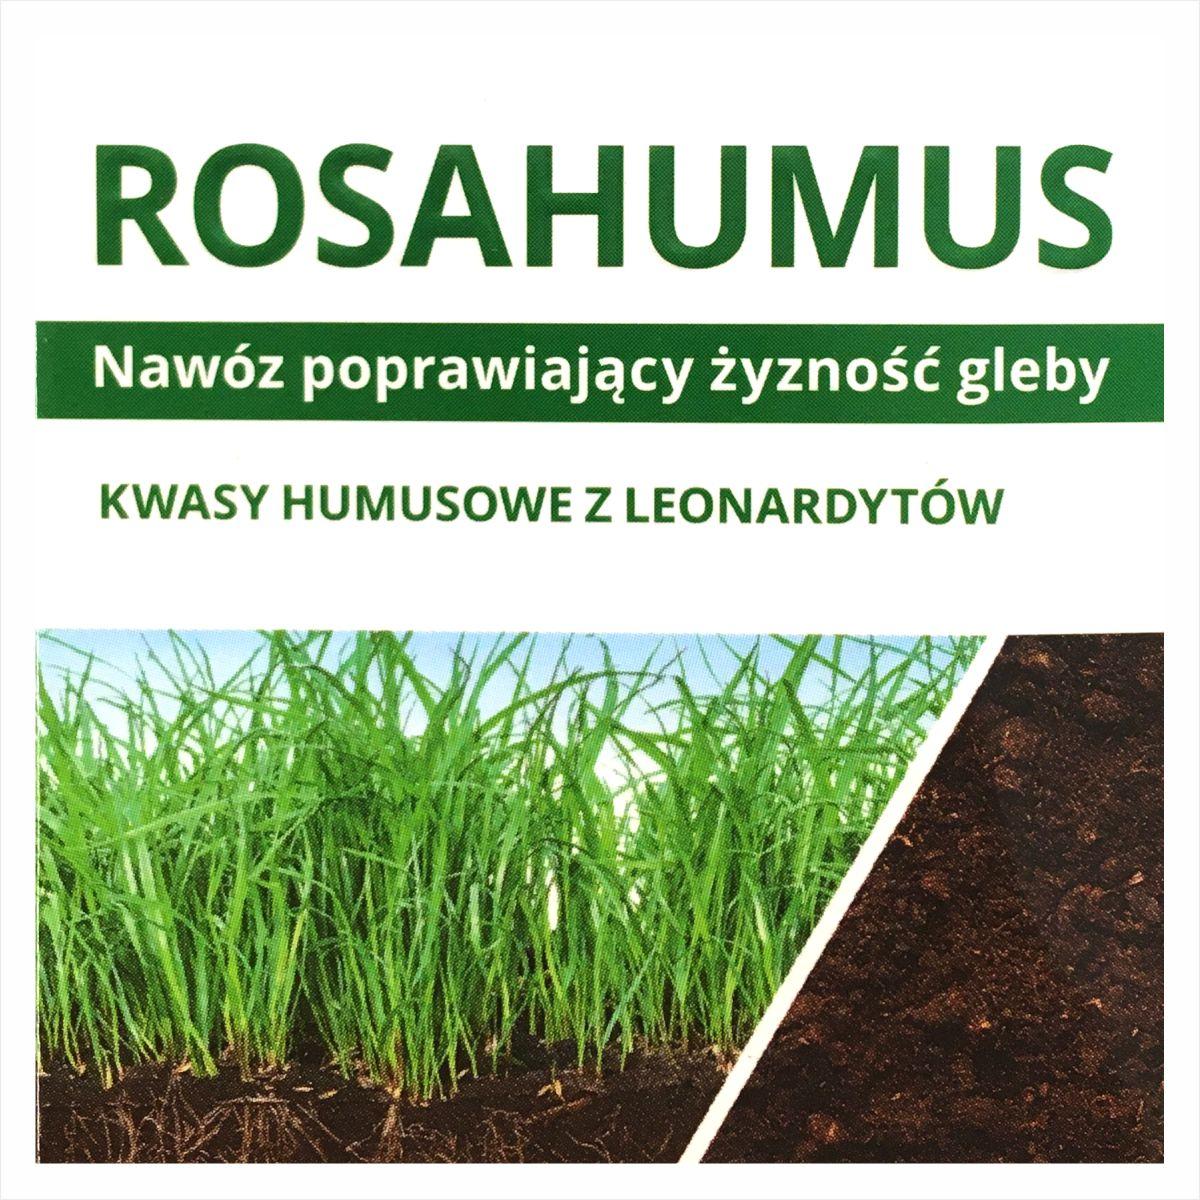 Rosahumus